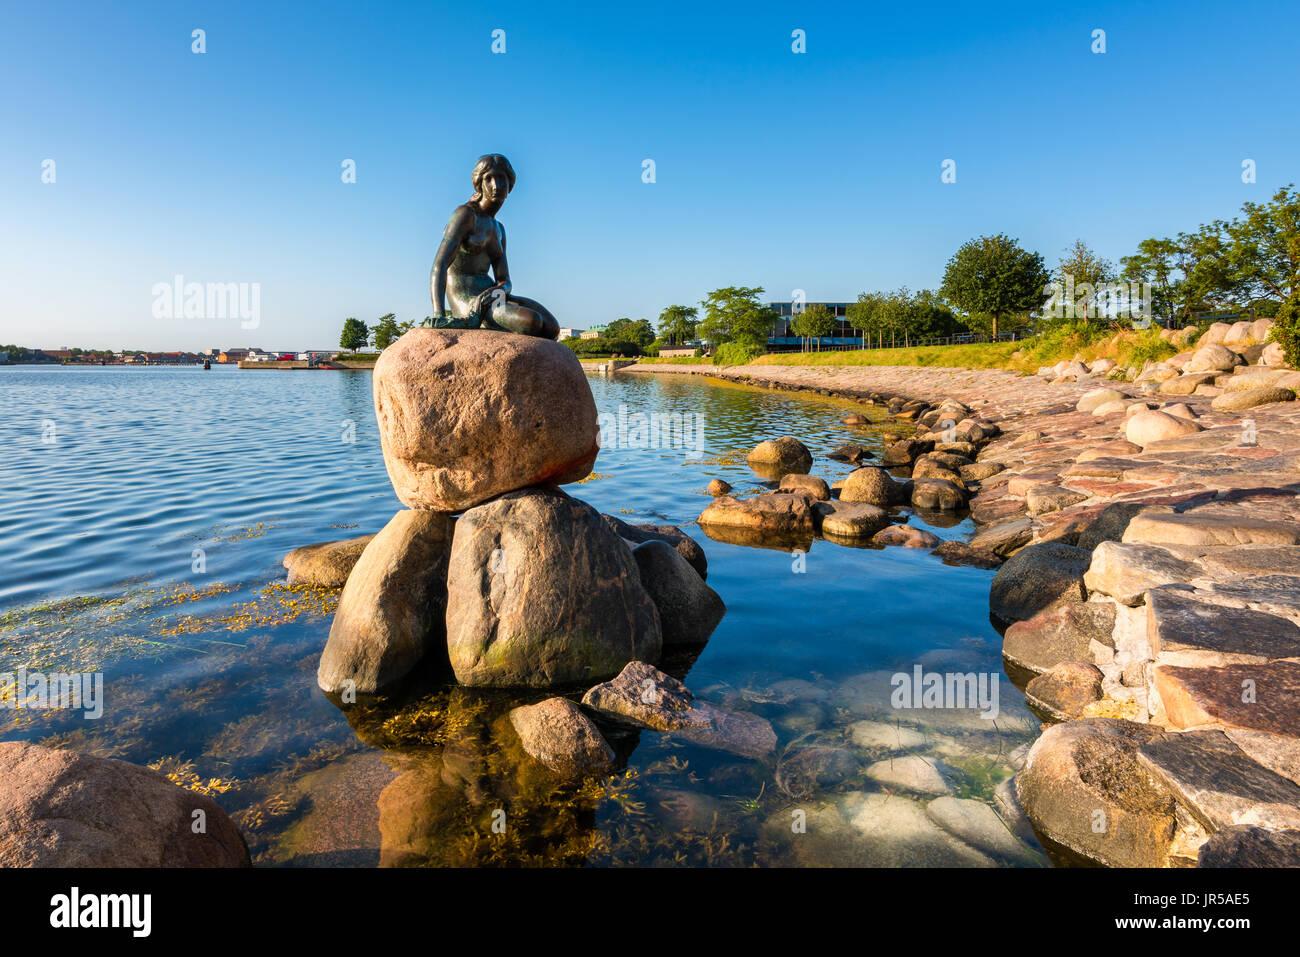 La célèbre statue de la petite sirène dans le port de Copenhague Danemark Banque D'Images